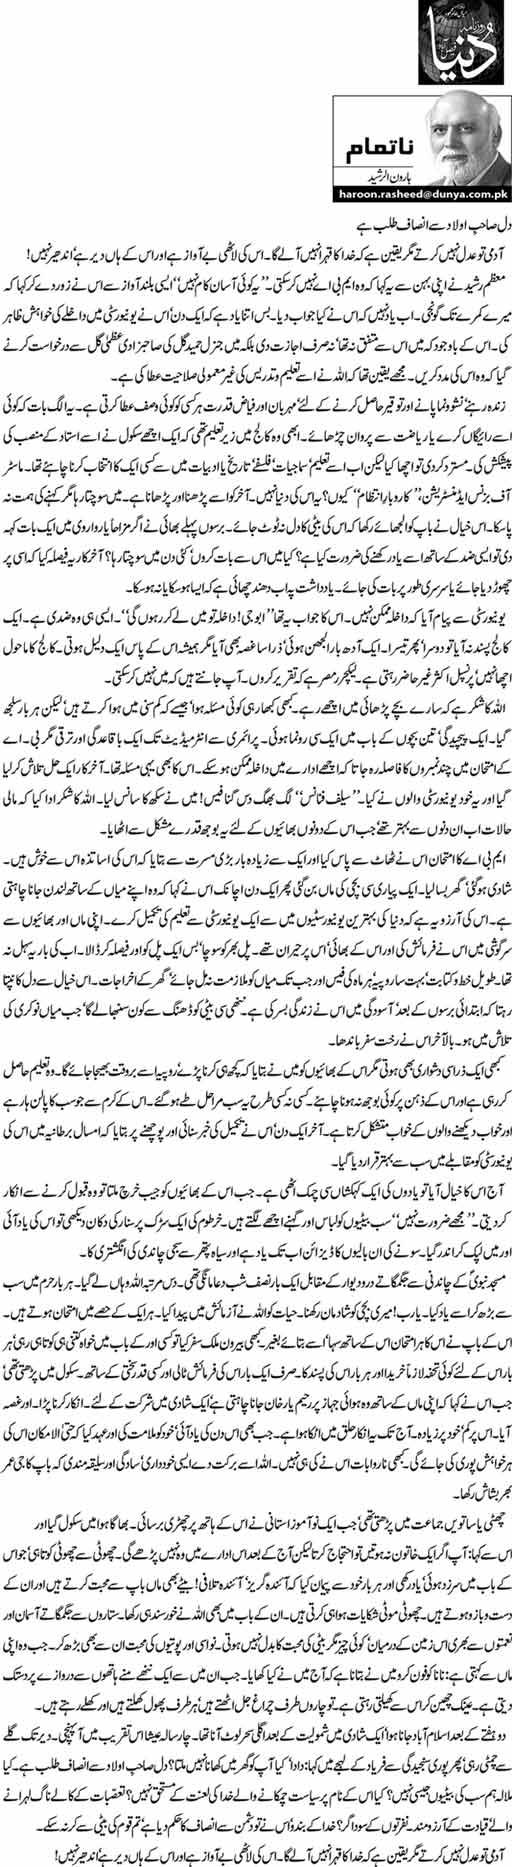 Dil sahibe olad se insaf talab ha - Haroon-ur-Rasheed